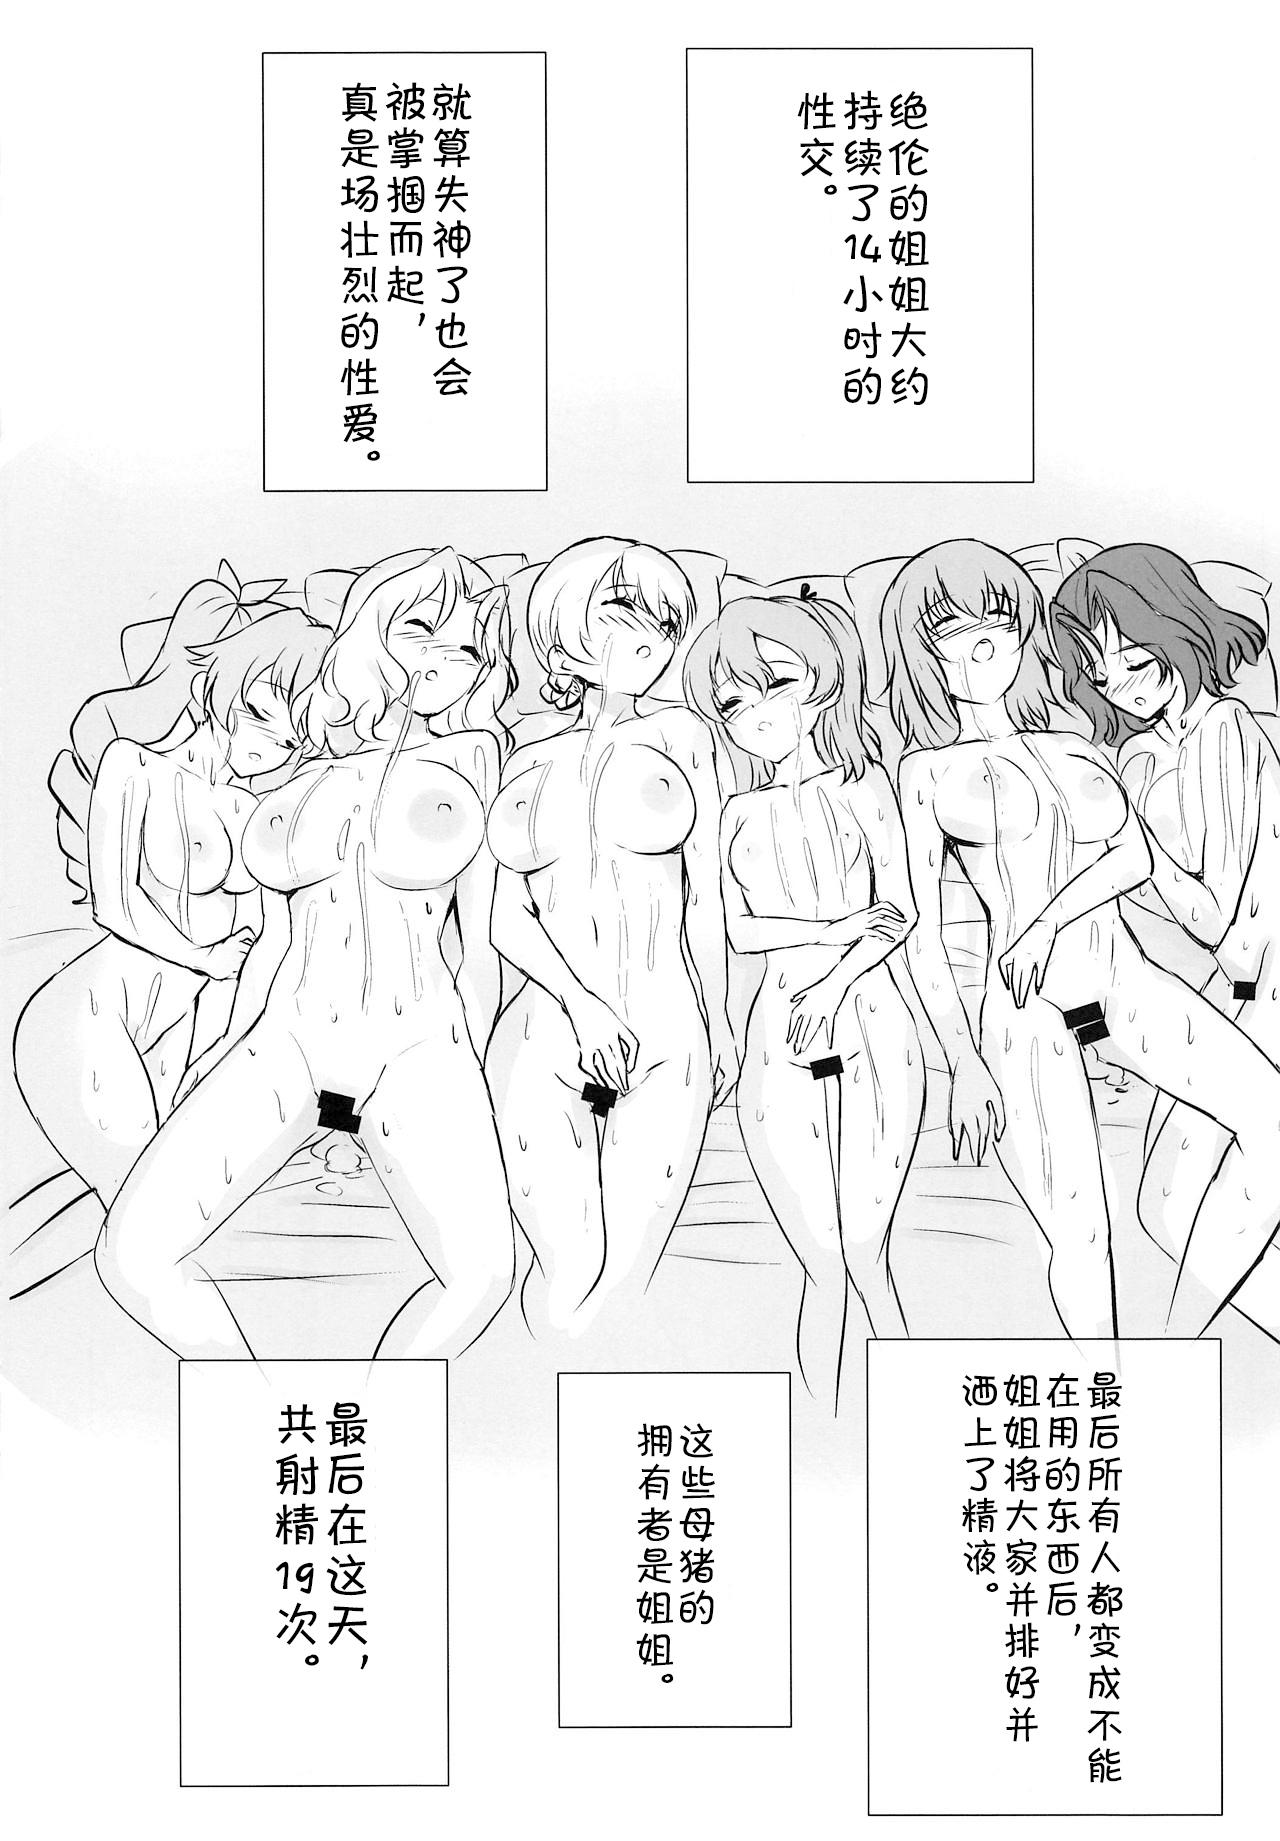 Futa Maho Seiyoku Nikki 17